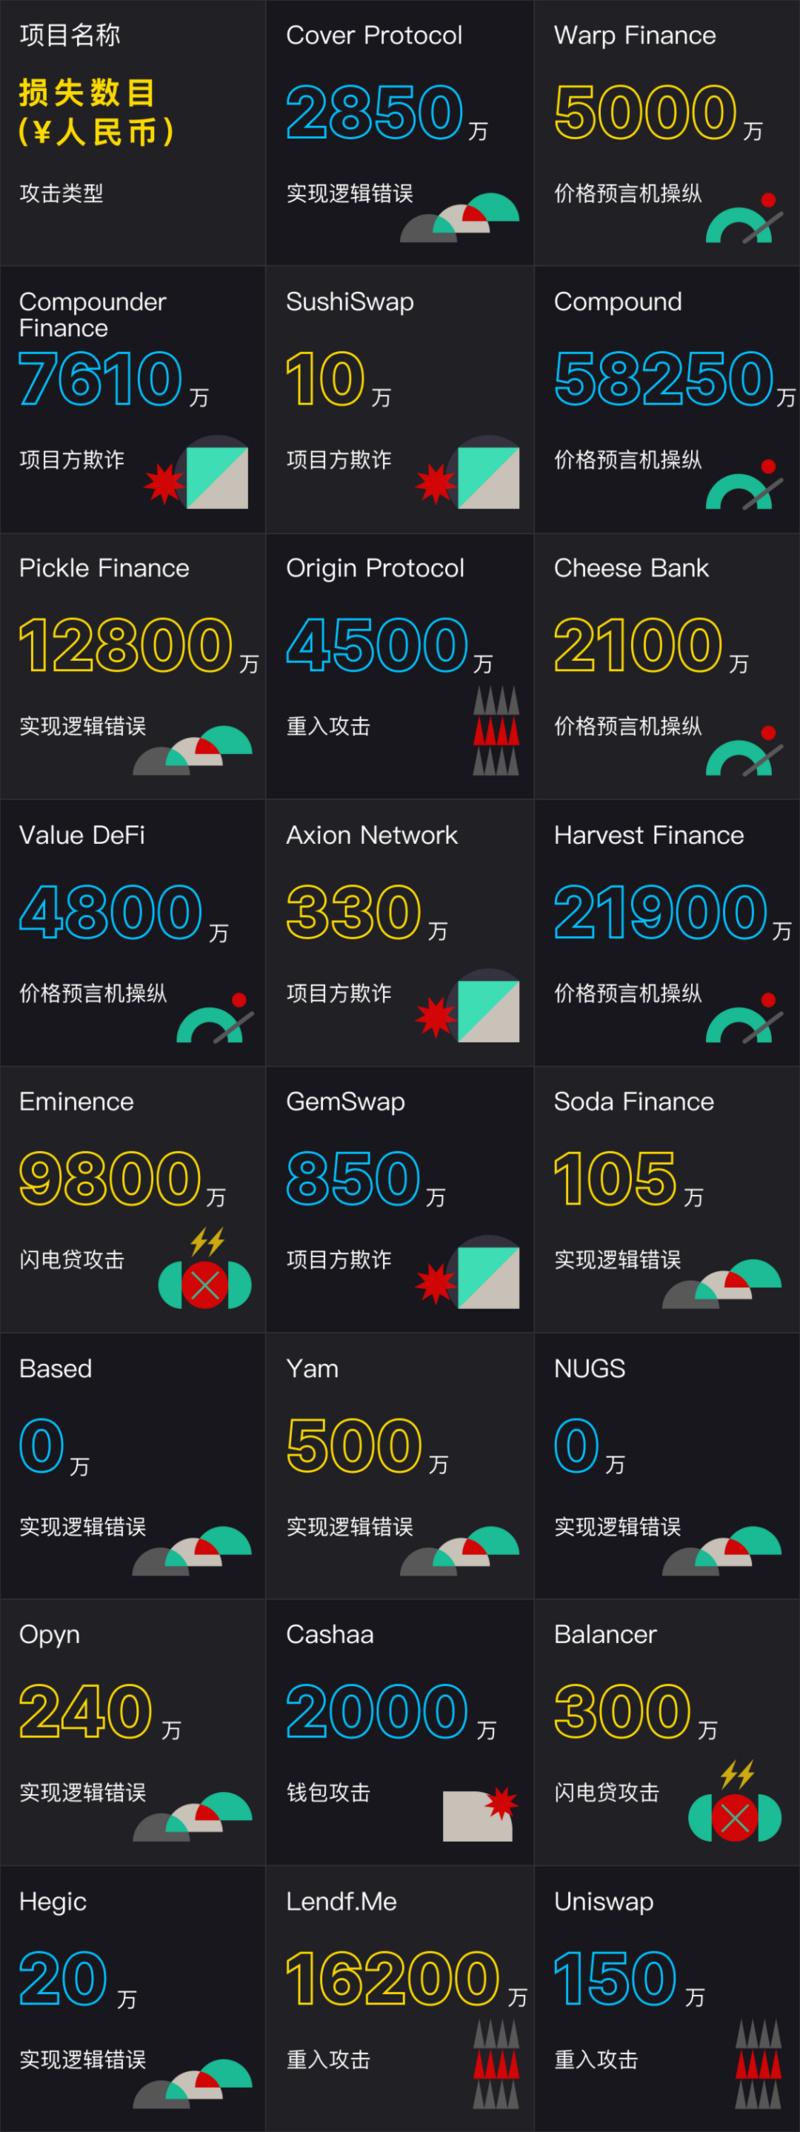 2020攻击事件总结:900亿人民币不翼而飞,2021我们如何远离黑客?